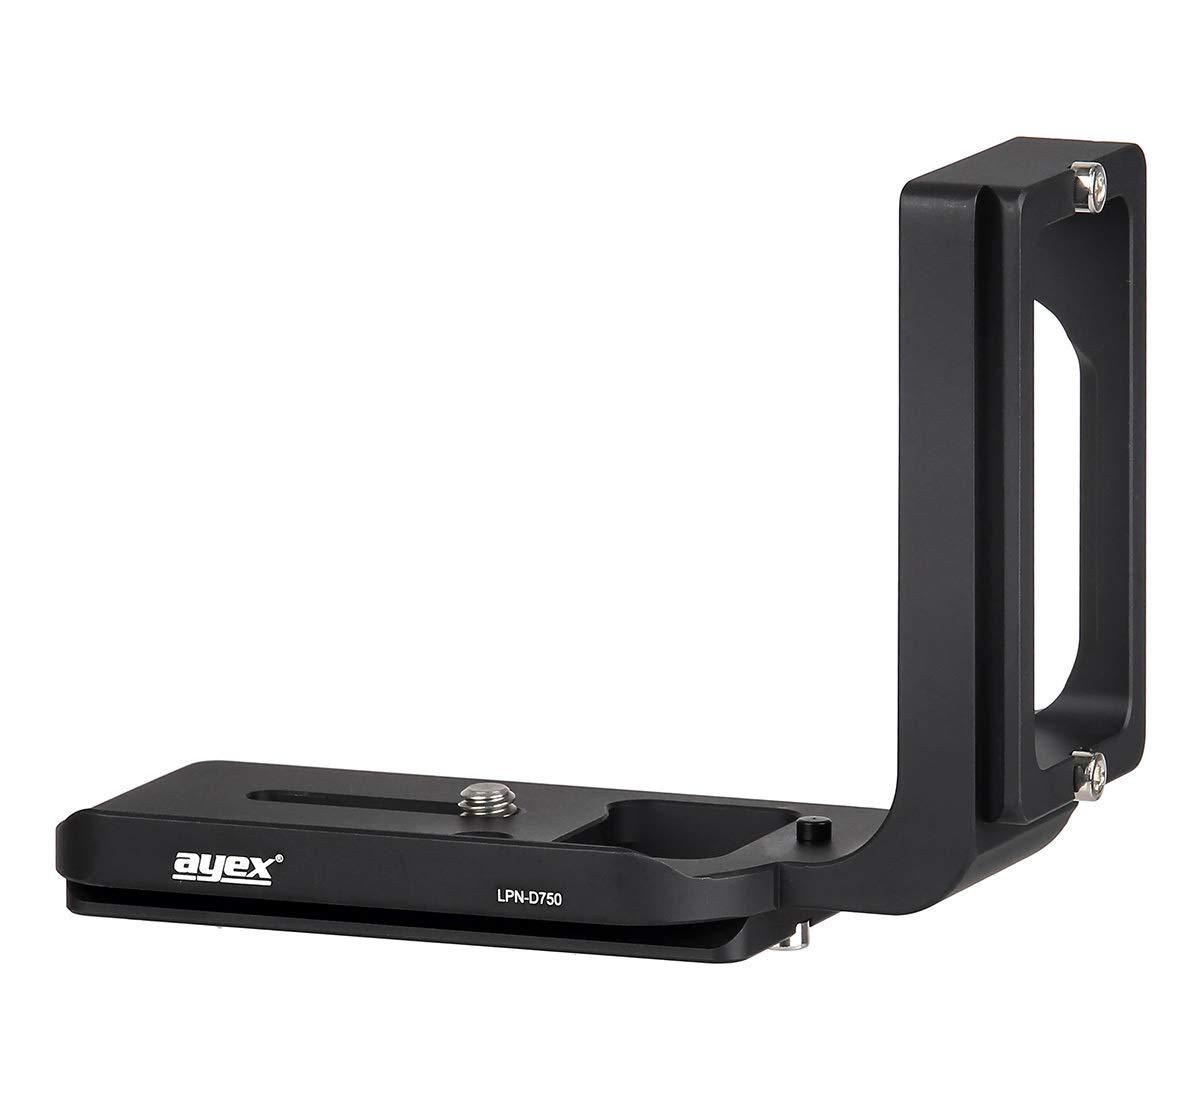 Soporte Estable de Aluminio anodizado, para Cambiar Entre Formato Horizontal y Vertical Ayex LPN-D750 Zapata r/ápida Vertical en Forma de L para Nikon D750 y Arca-Swiss Standard